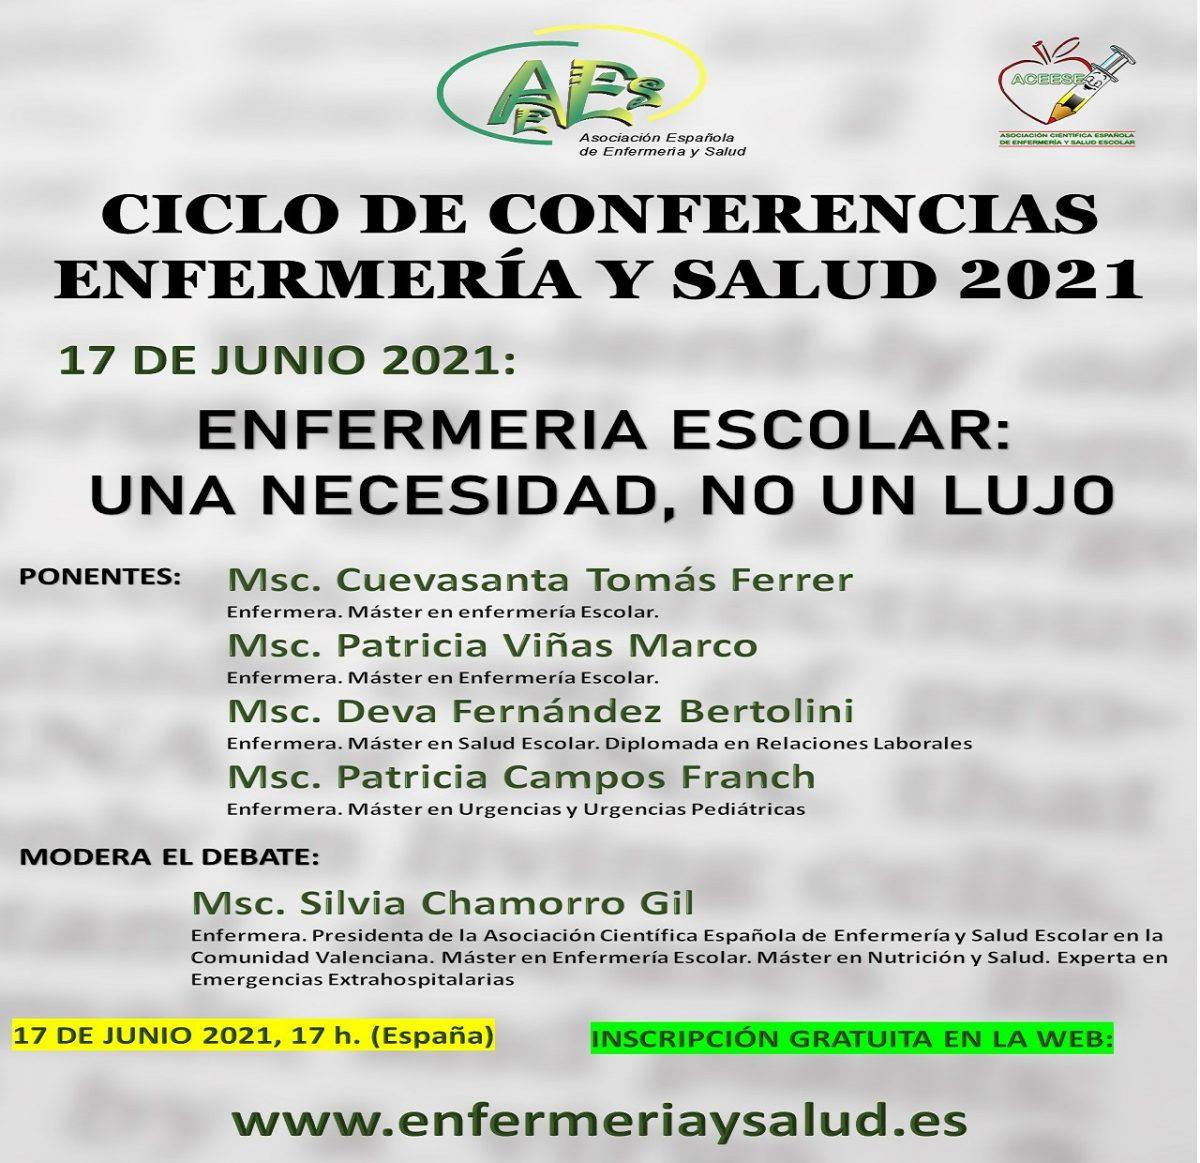 CICLO DE CONFERENCIAS ENFERMERÍA Y SALUD 2021 -SESIÓN DE JUNIO-